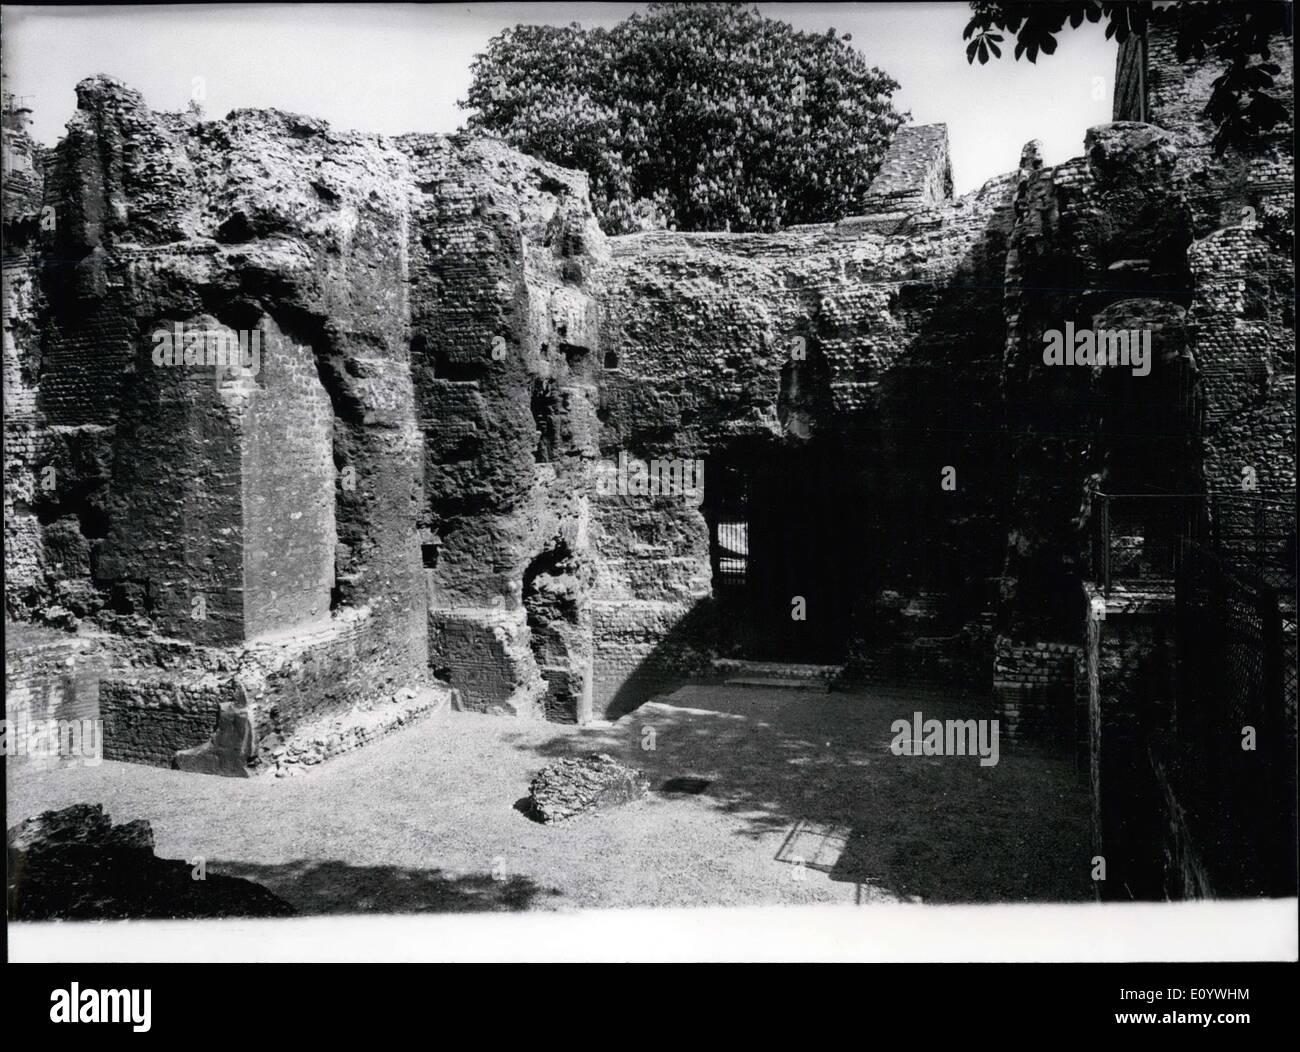 Agosto 05, 1971 - Giardini Home Medioevo trovato Paris Hotel de Cluny 1685 Immagini Stock